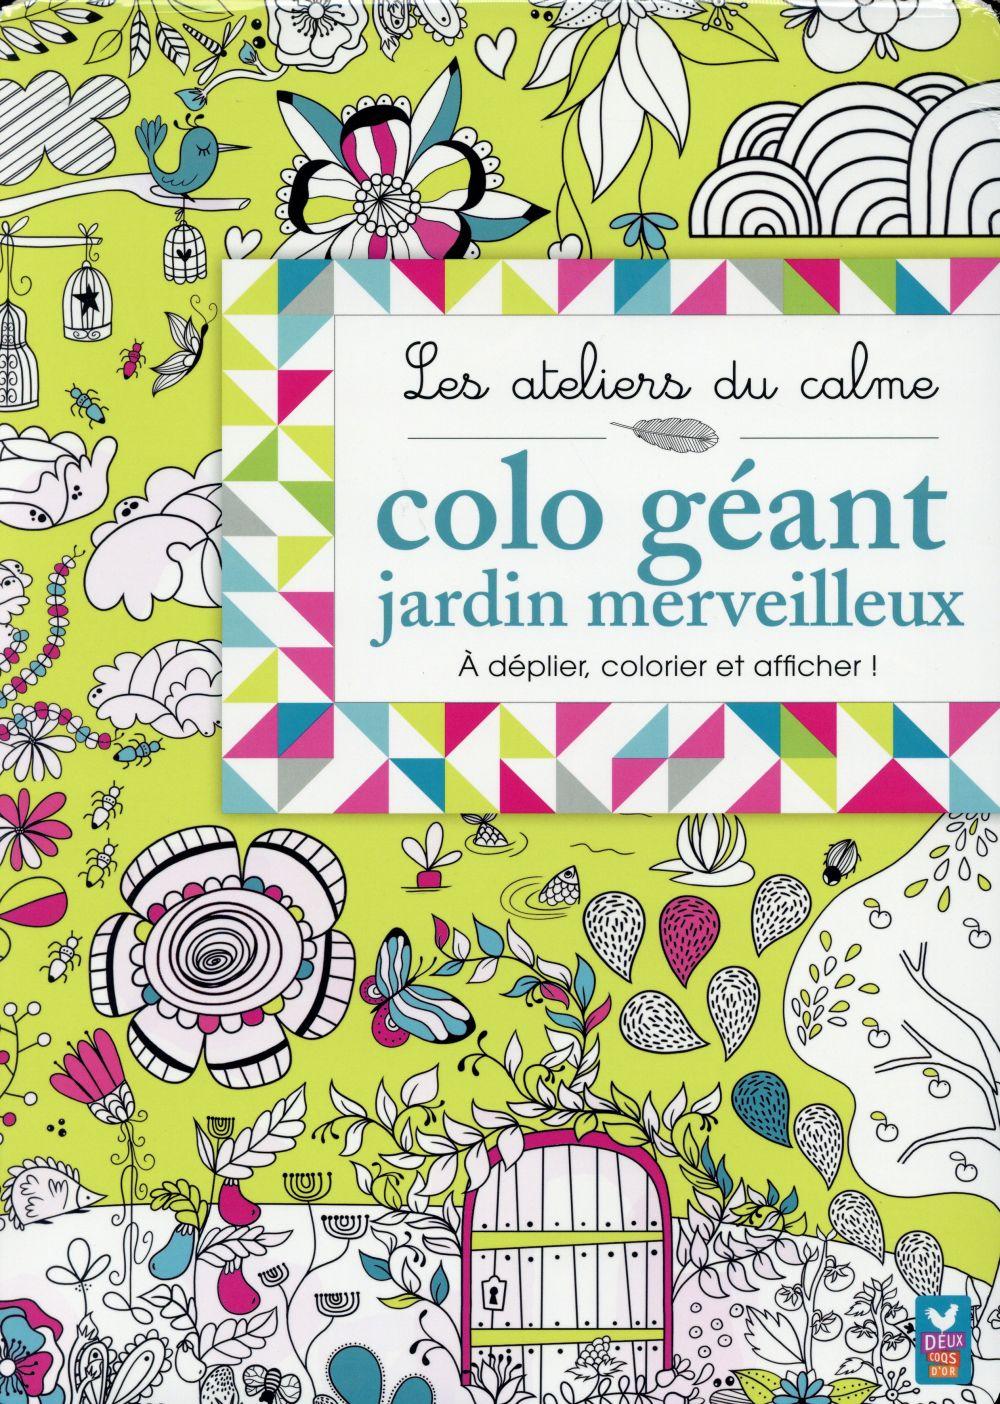 COLO GEANT - JARDIN MERVEILLEUX